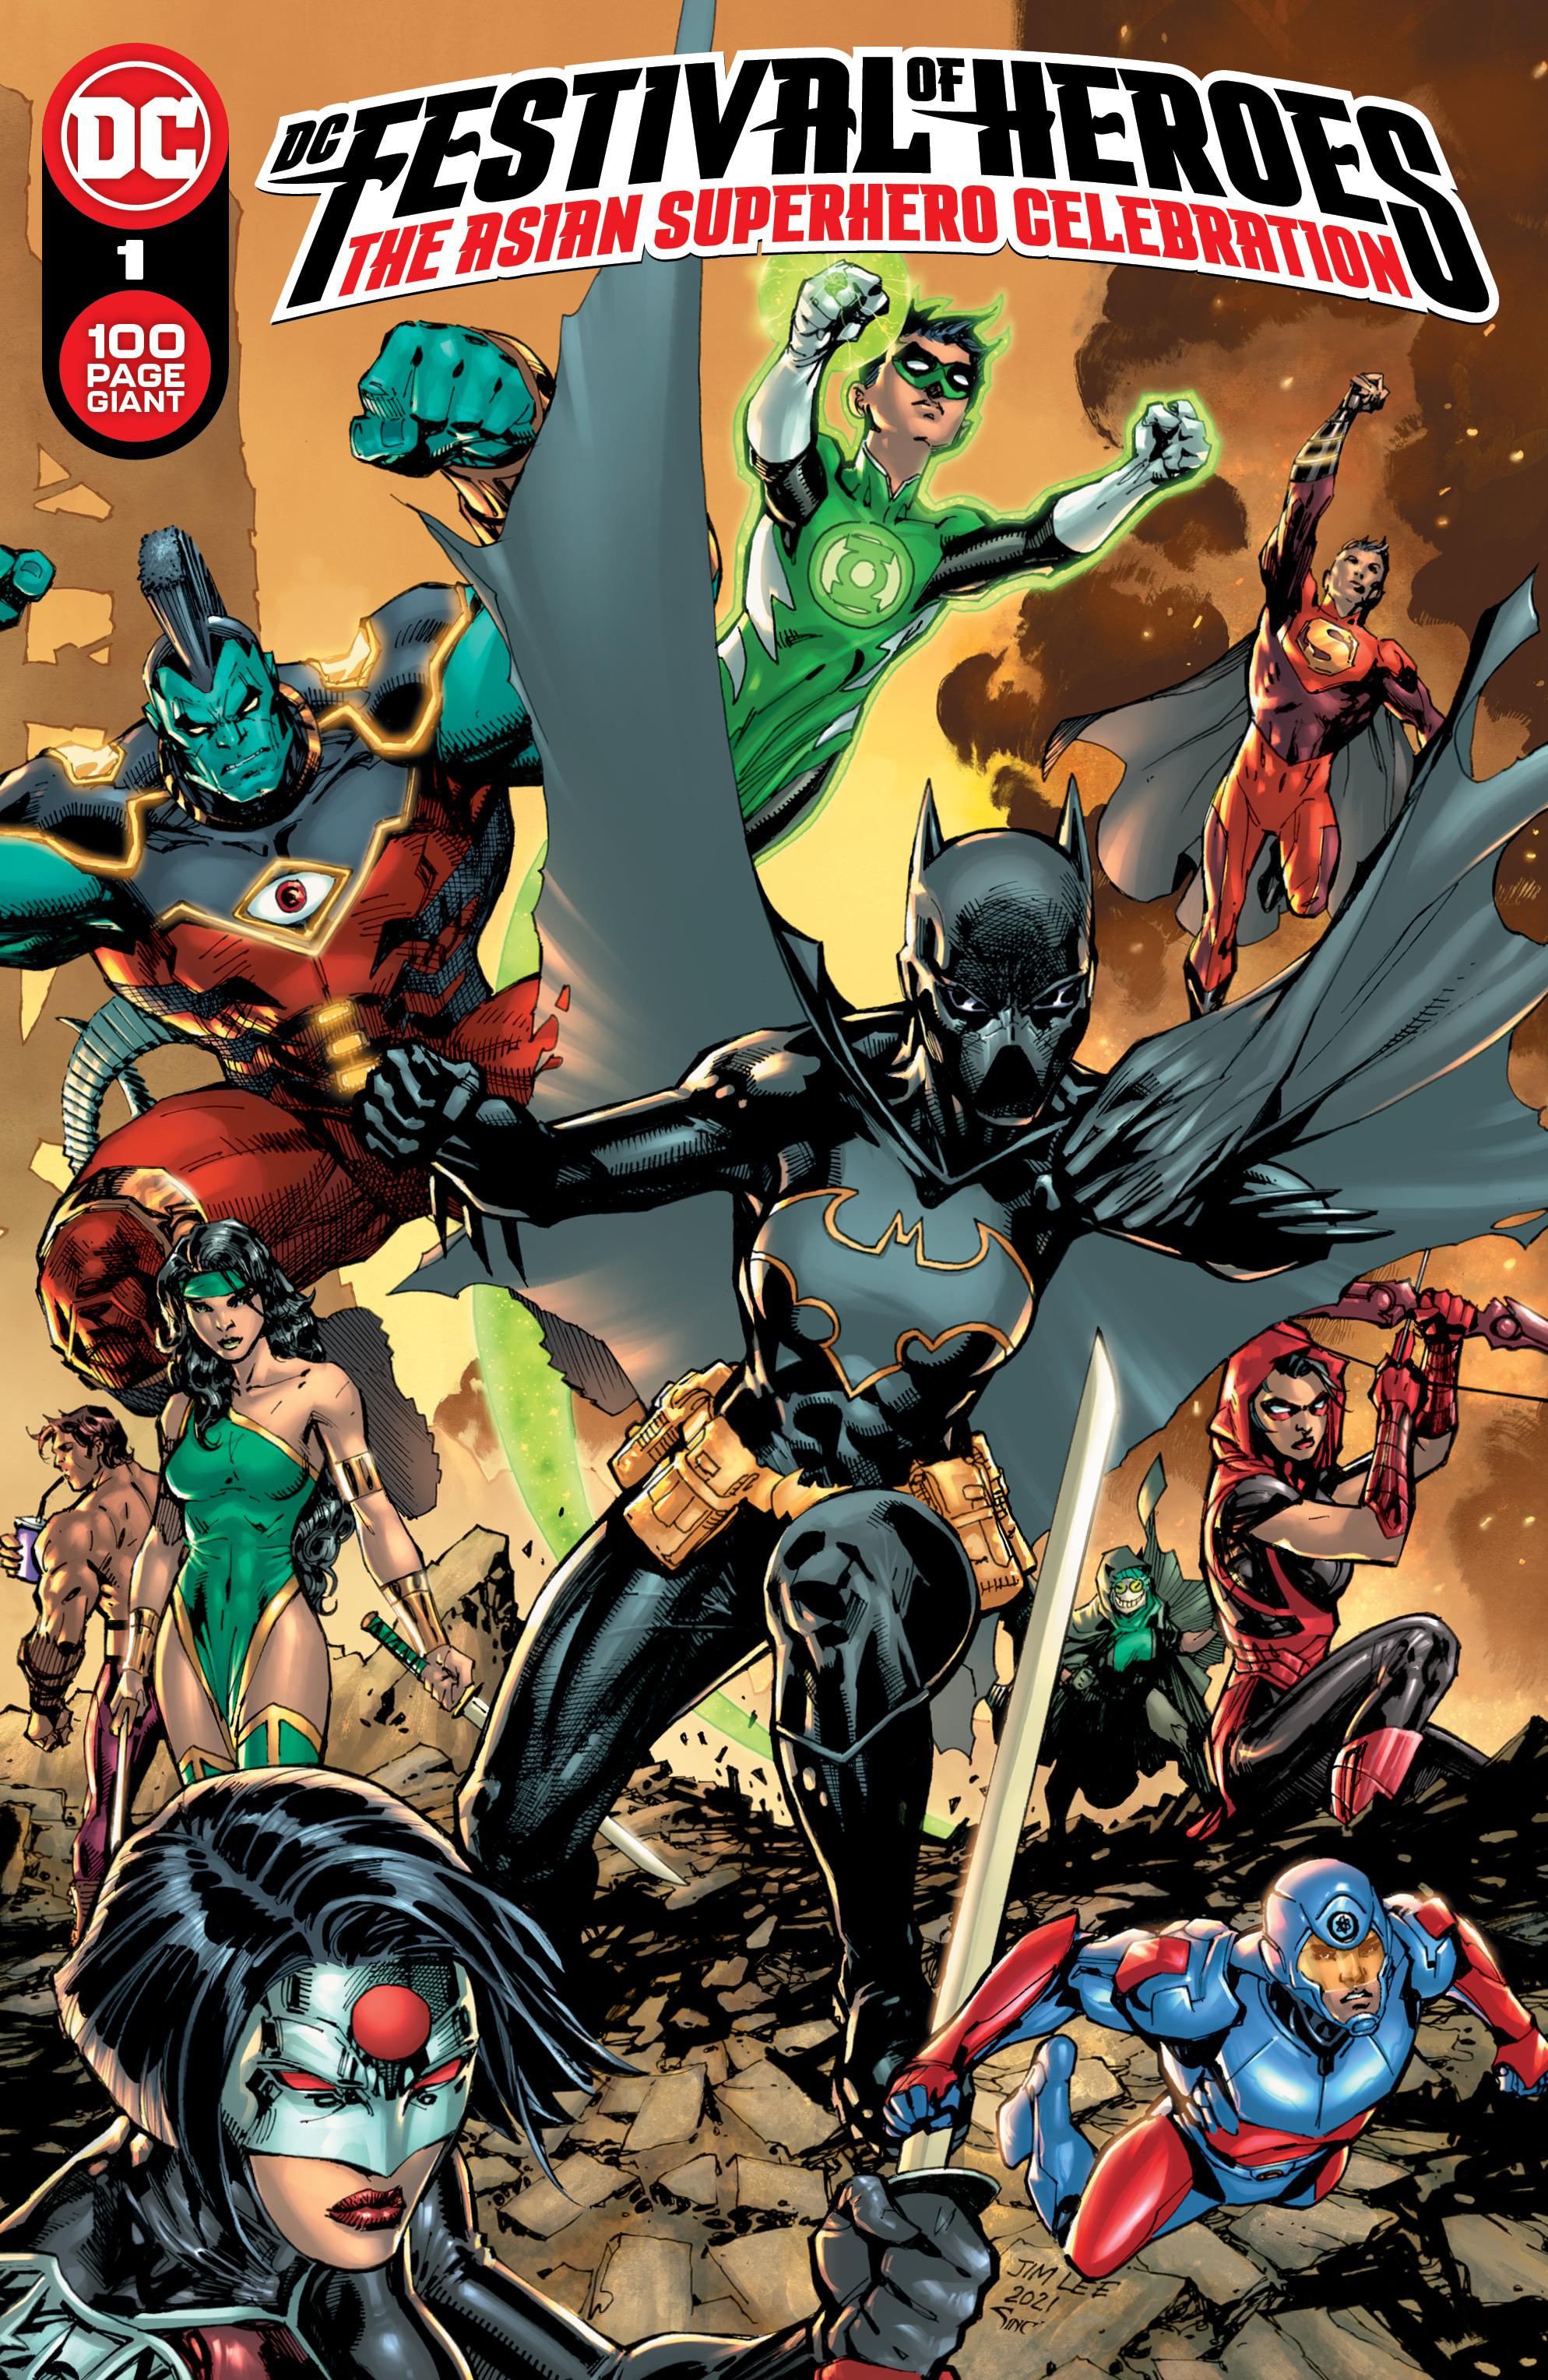 DC Festival of Heroes: una celebración de superhéroes asiáticos